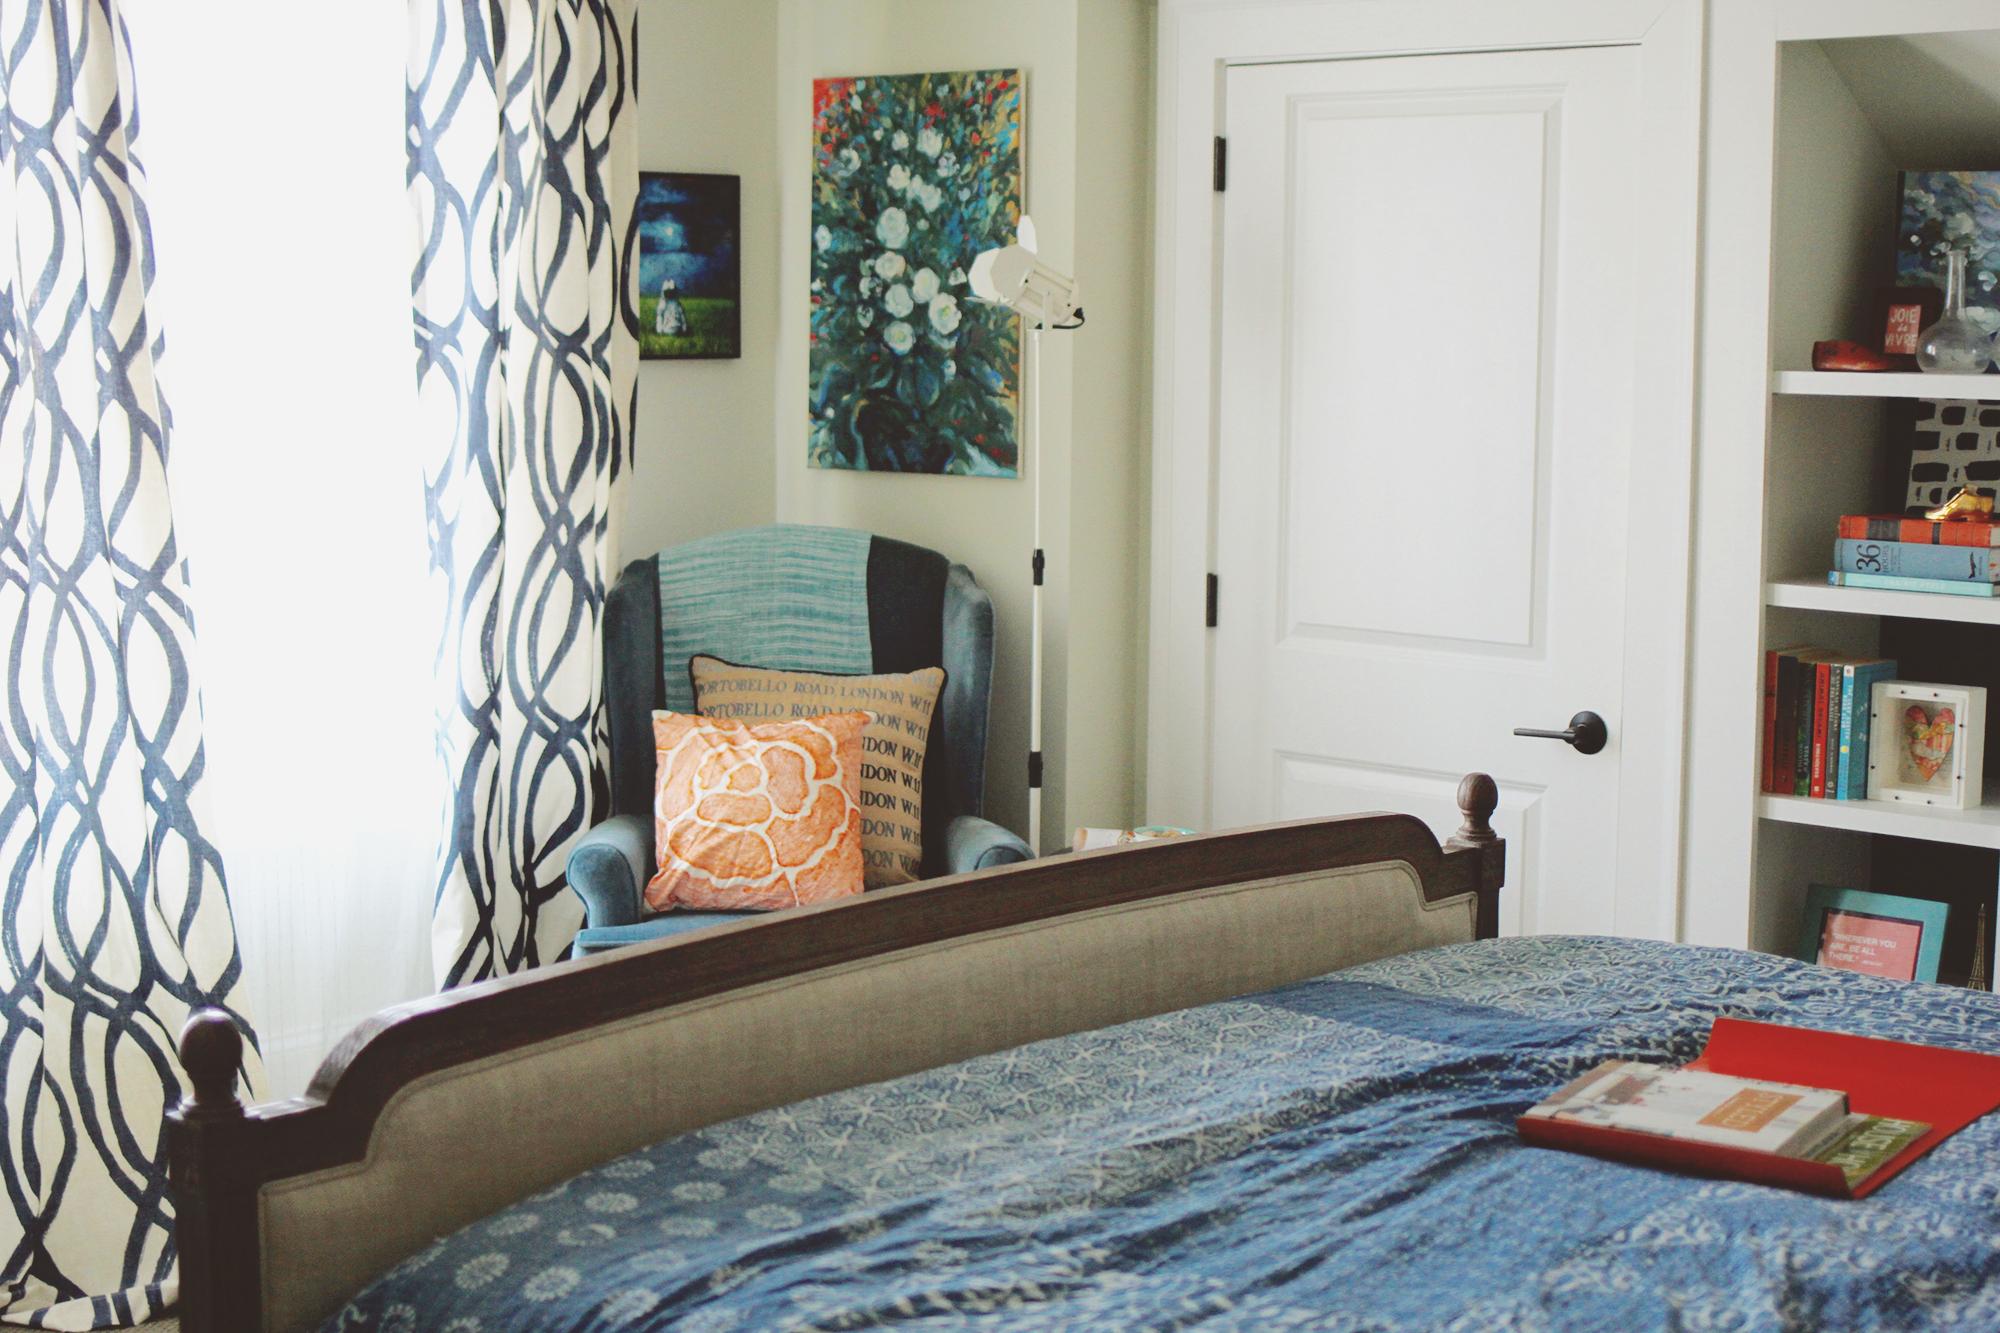 jo-torrijos-a-simpler-design-atlanta-interior-design-ajc-master-bedroom-styled-11.jpg